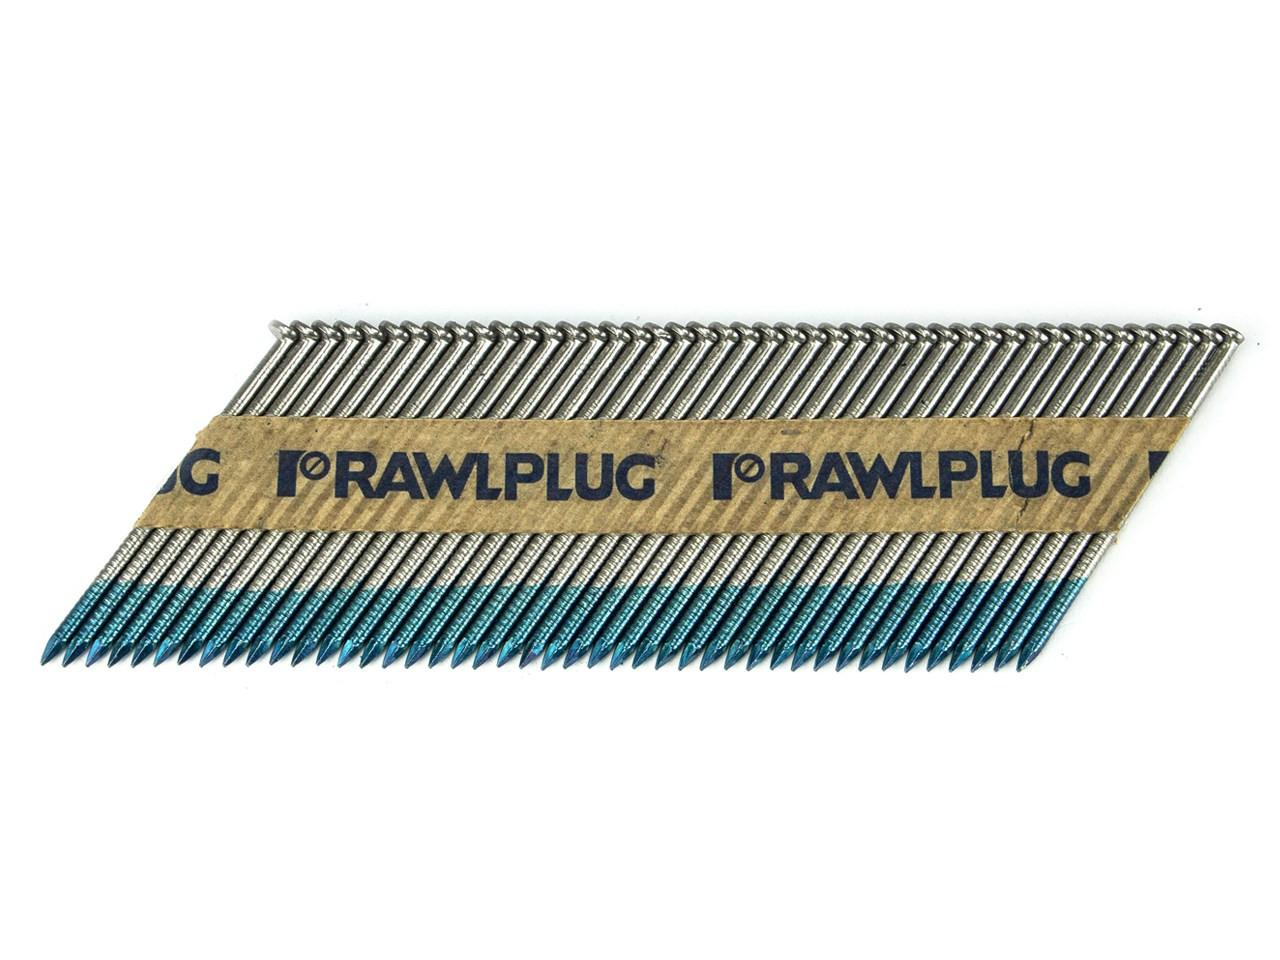 Rawlplug 3.1 x 90 Bright (2200 Nails + 2 Gas)